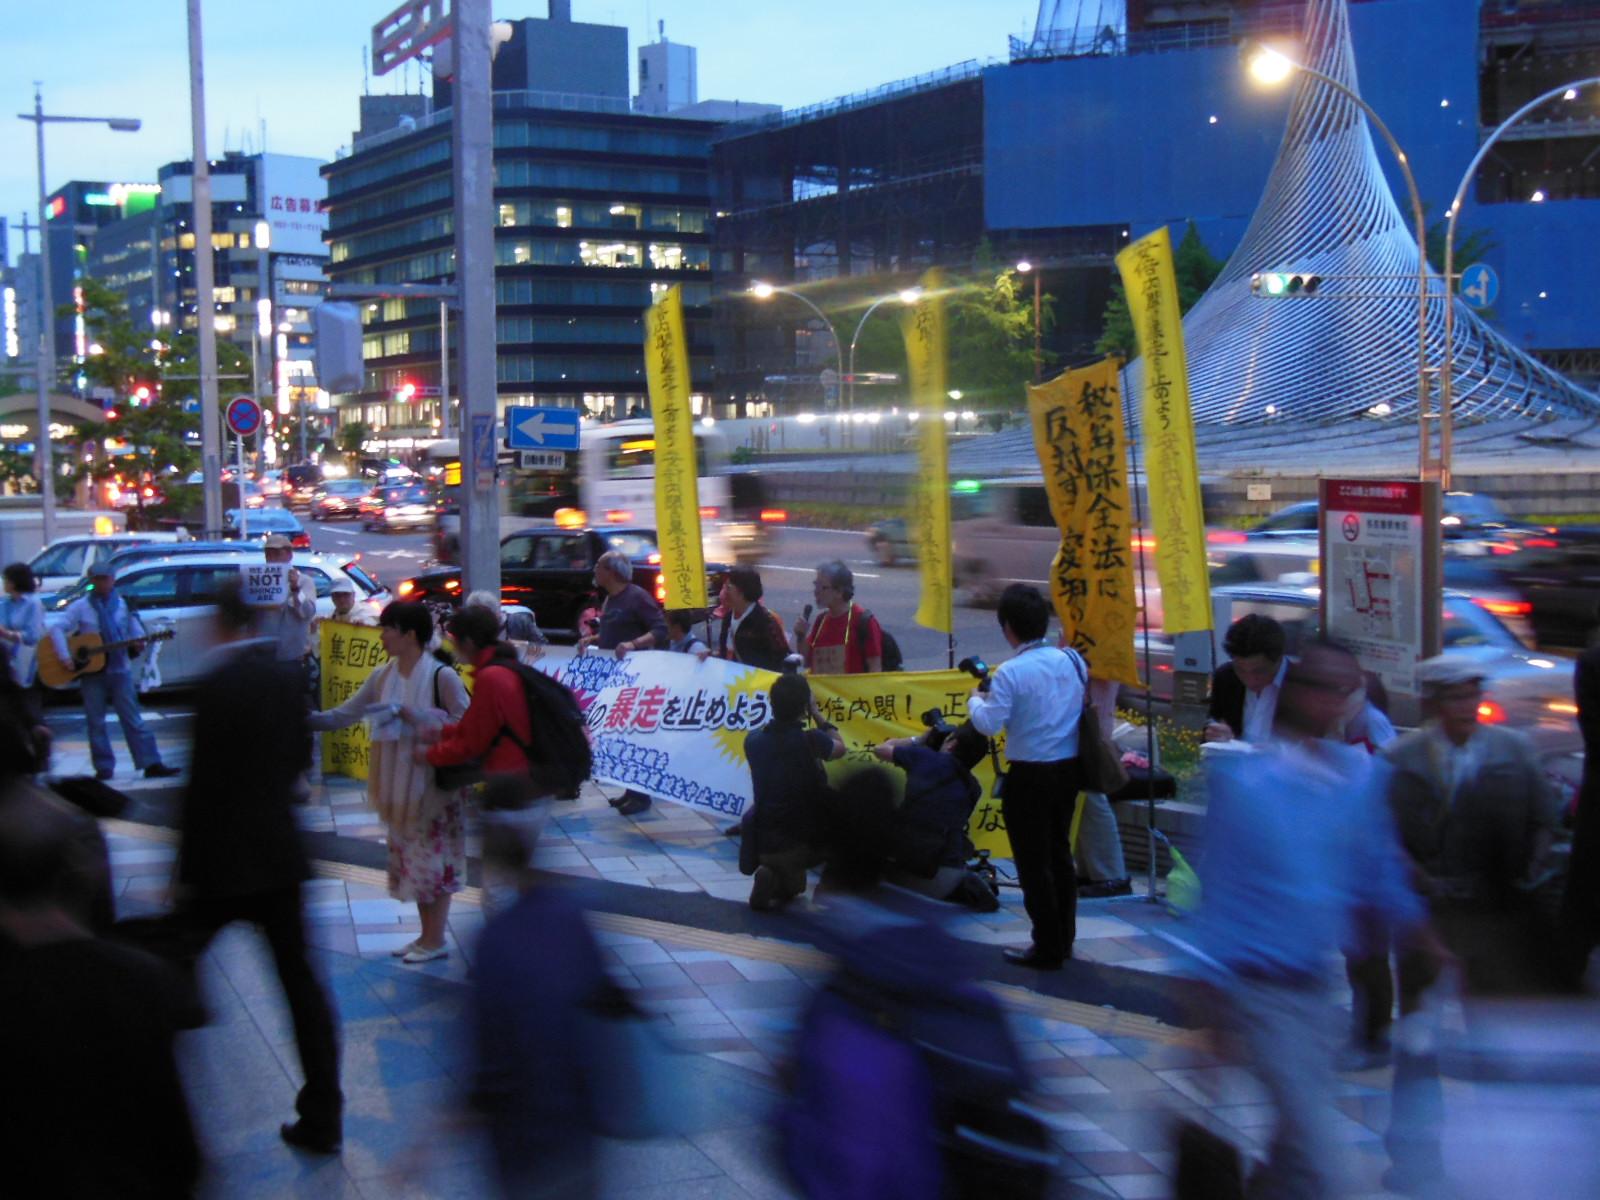 15/5/14戦争関連法案の閣議決定に抗議する緊急街頭宣伝が行われました_c0241022_2344976.jpg